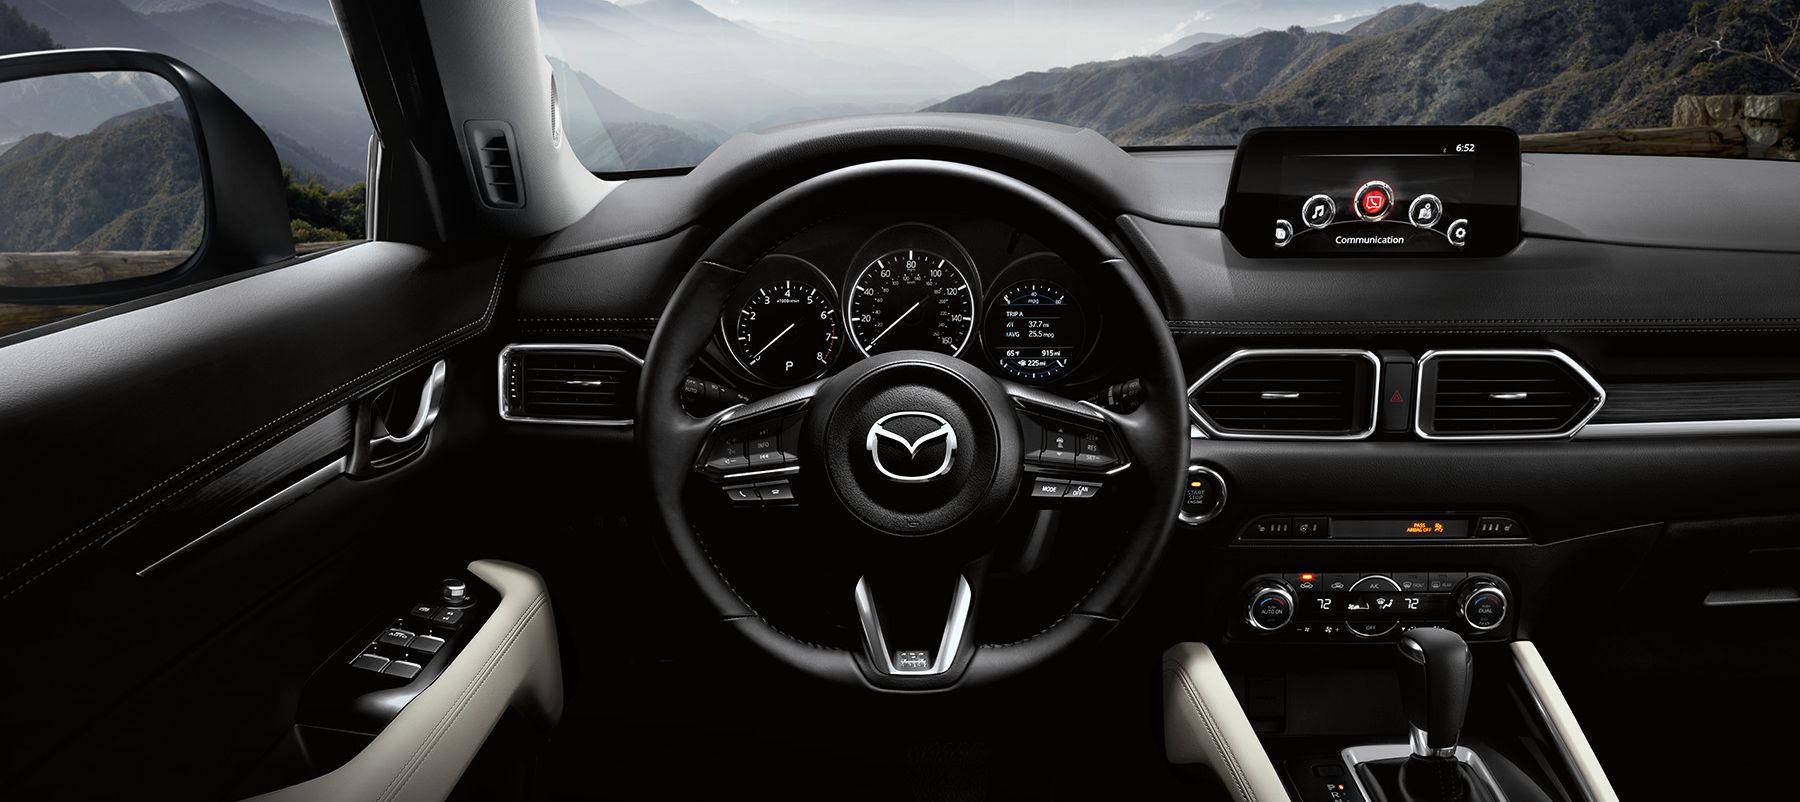 2018 Mazda CX-5: Redesign, Styling, Changes, Price >> 2018 Mazda Cx 5 For Sale In Elk Grove Ca Mazda Of Elk Grove